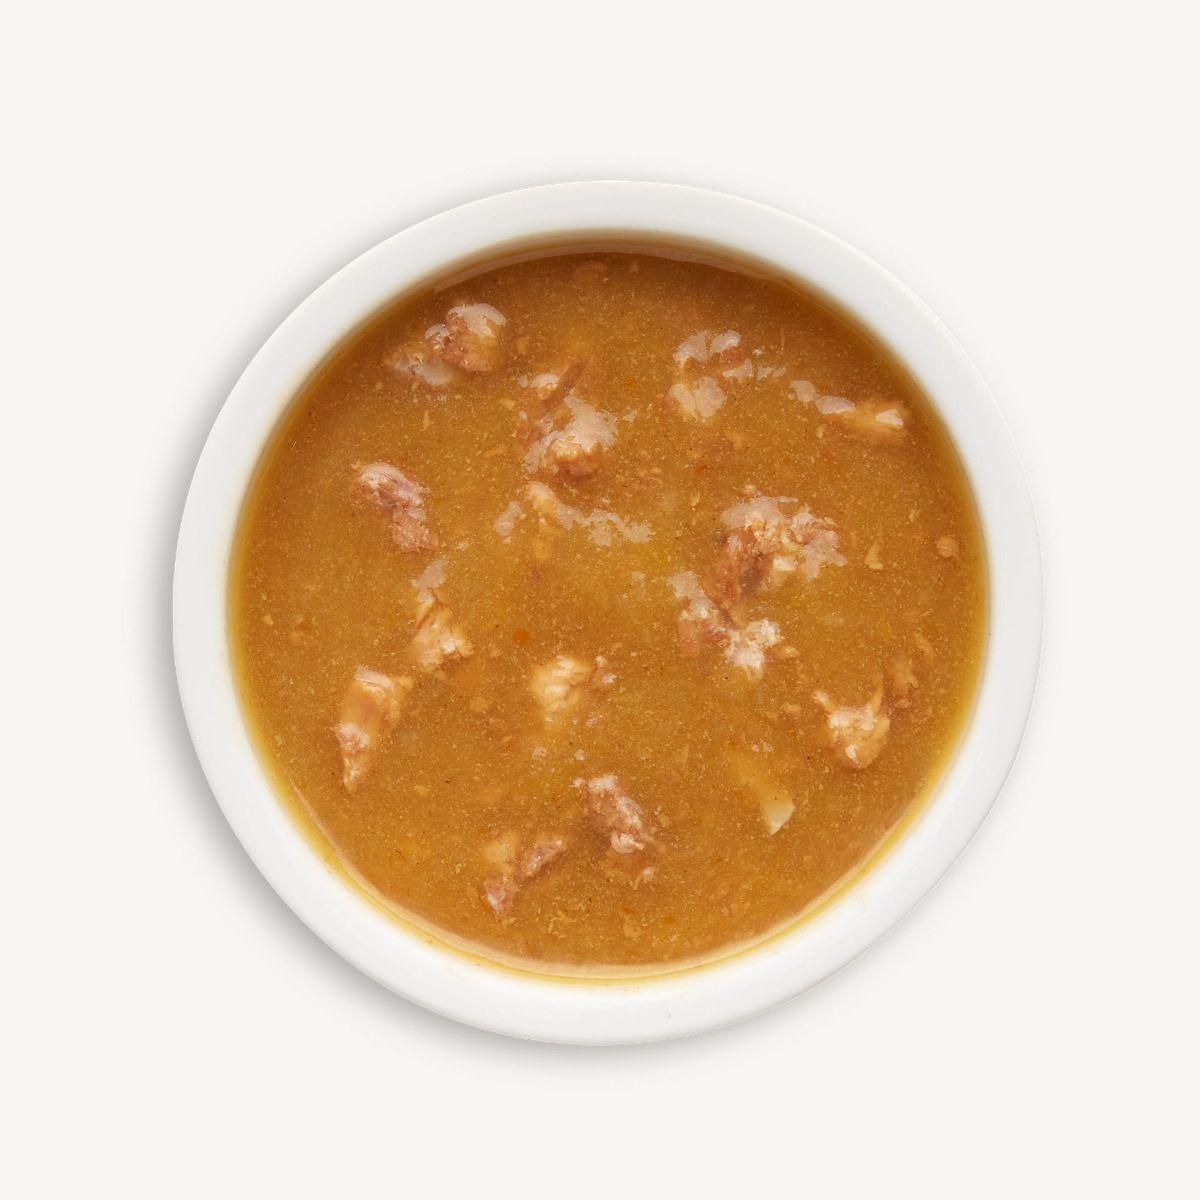 The Honest Kitchen Honest Kitchen Pumpkin Pour Overs Turkey & Pumpkin Stew 5.5oz Carton